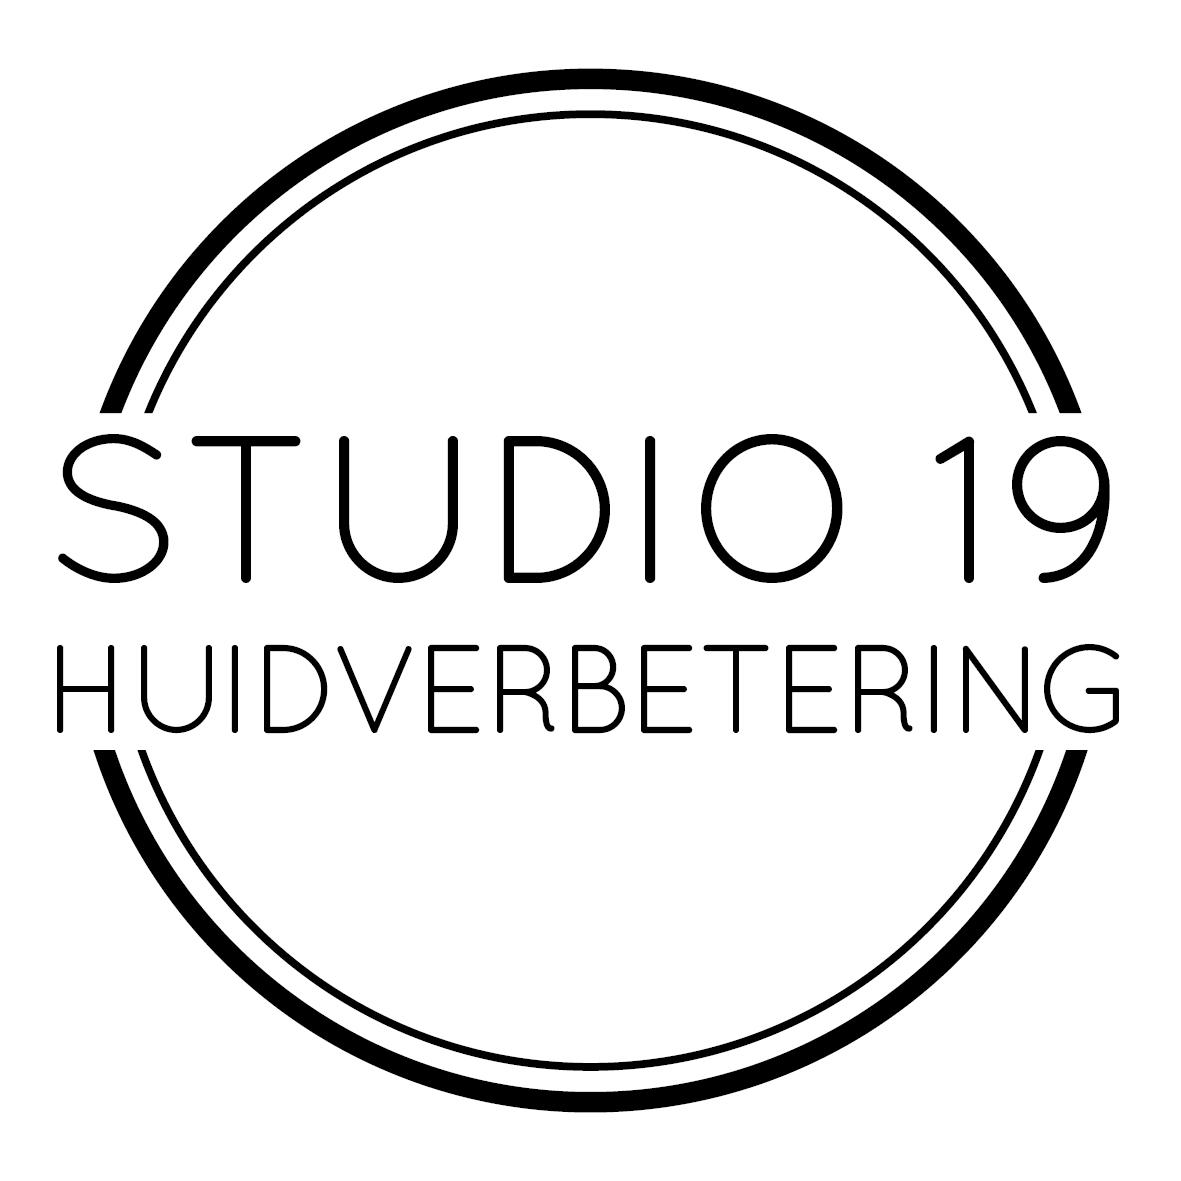 Studio19 Huidverbetering